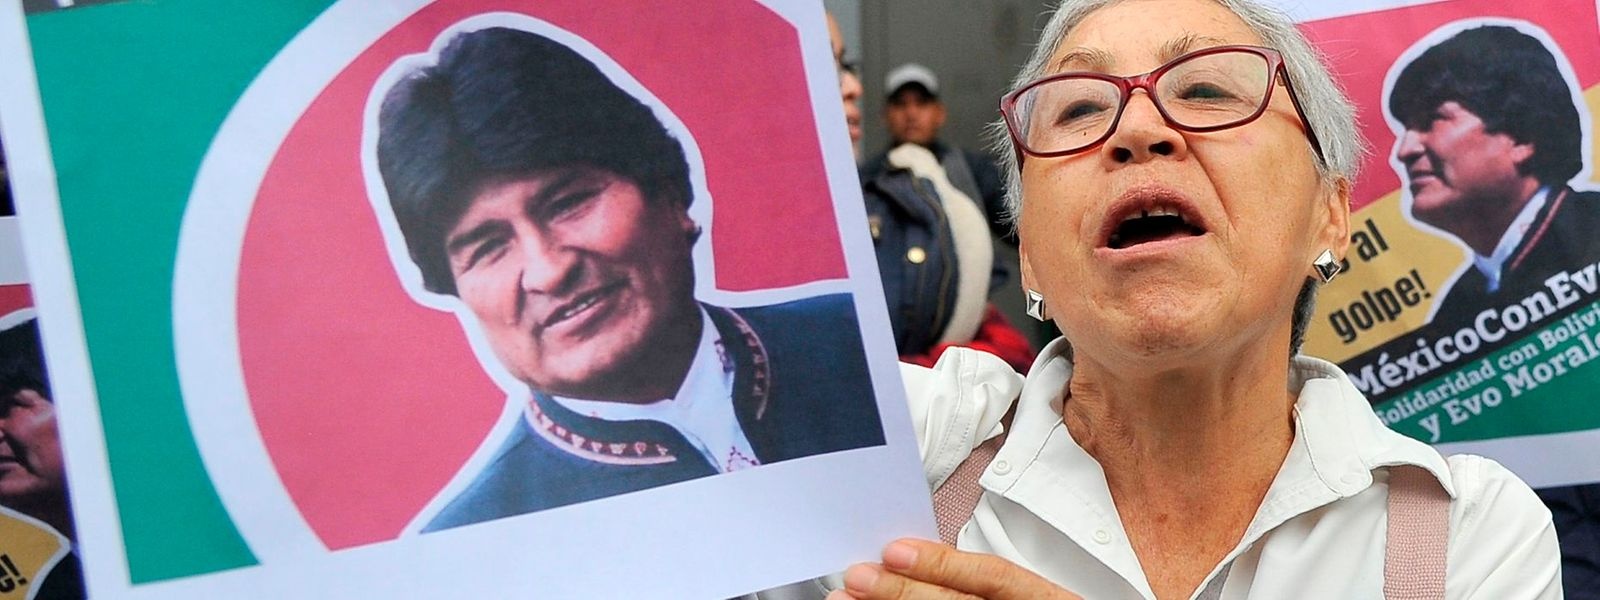 Vor der bolivianischen Botschaft in Mexico City demonstrierten die Menschen am Montag.